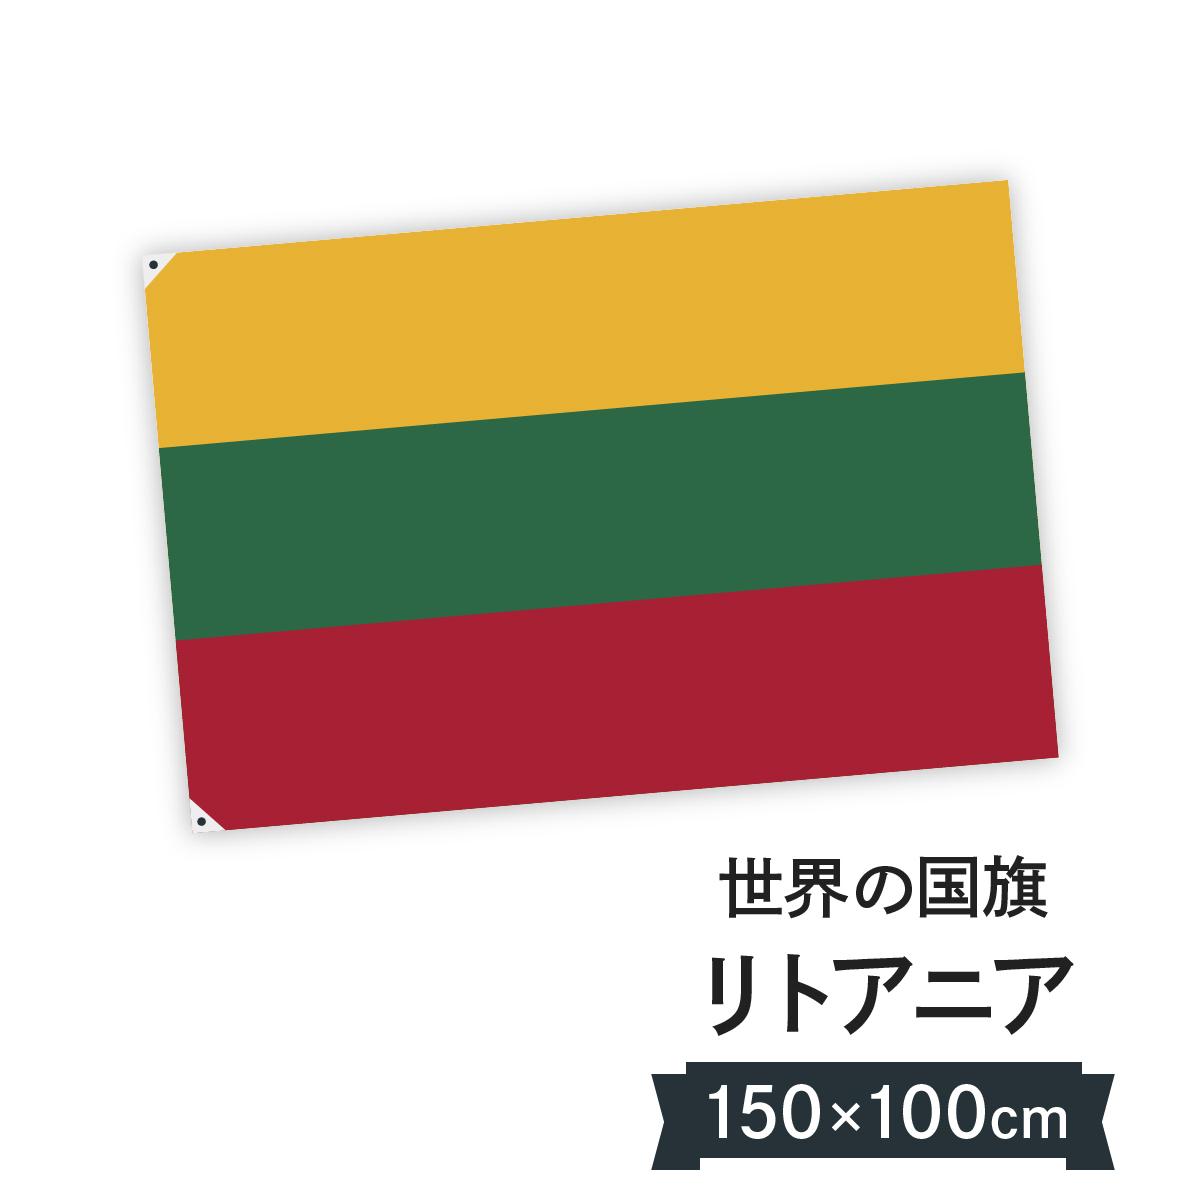 リトアニア共和国 国旗 W150cm H100cm